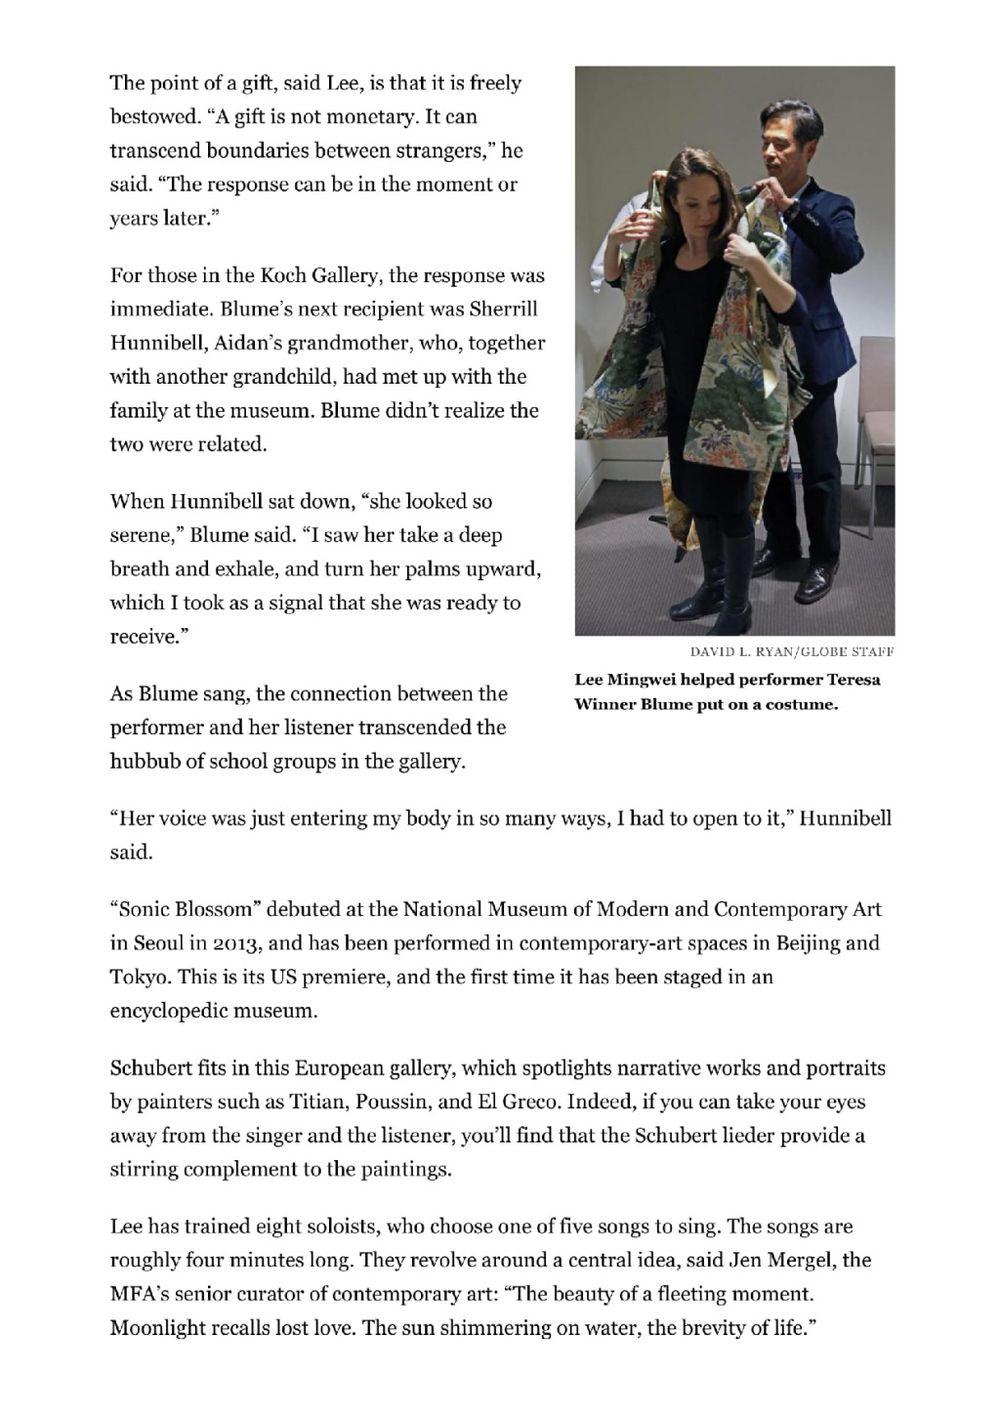 The Boston Globe | LEE Mingwei